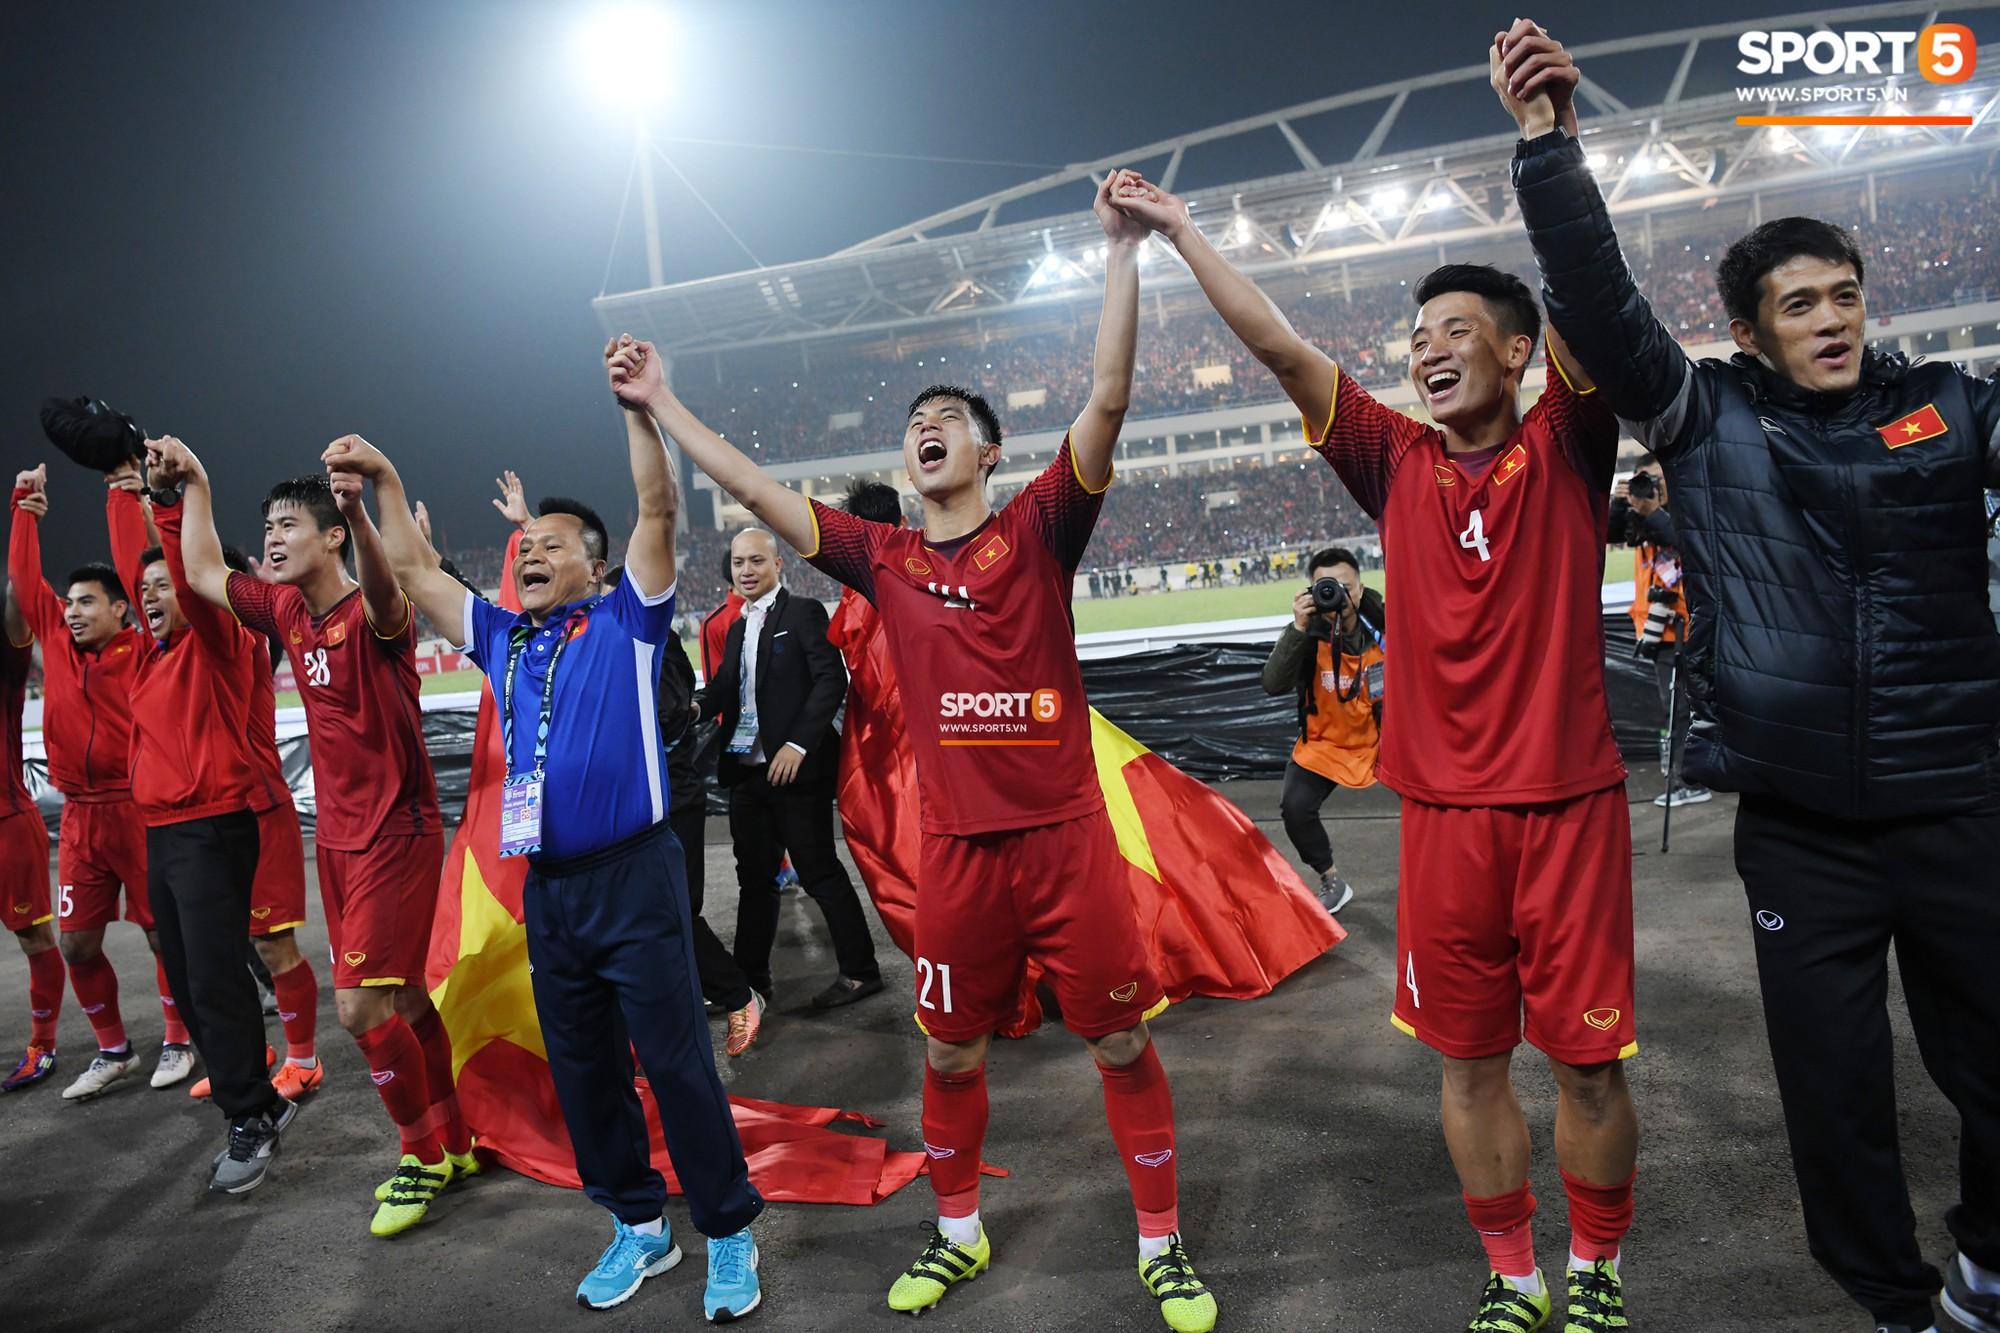 Báo quốc tế chỉ ra 5 lí do tuyển Việt Nam vô địch Đông Nam Á 2